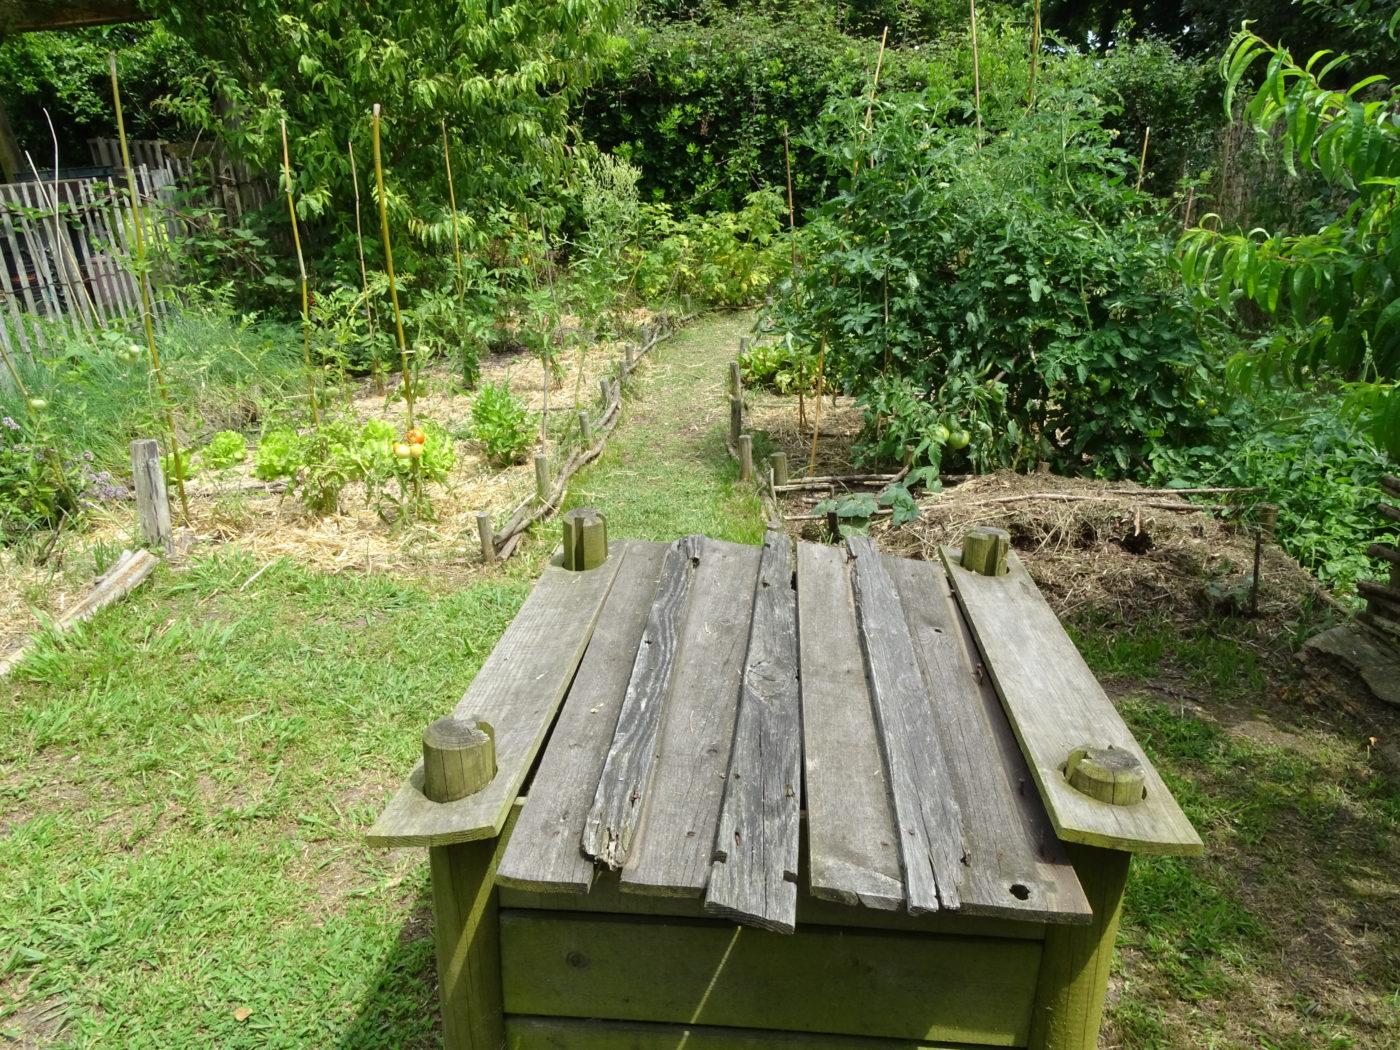 Atelier De Jardinage La Recette Du Compost 05 10 19 Jb Littoral De Sjdl